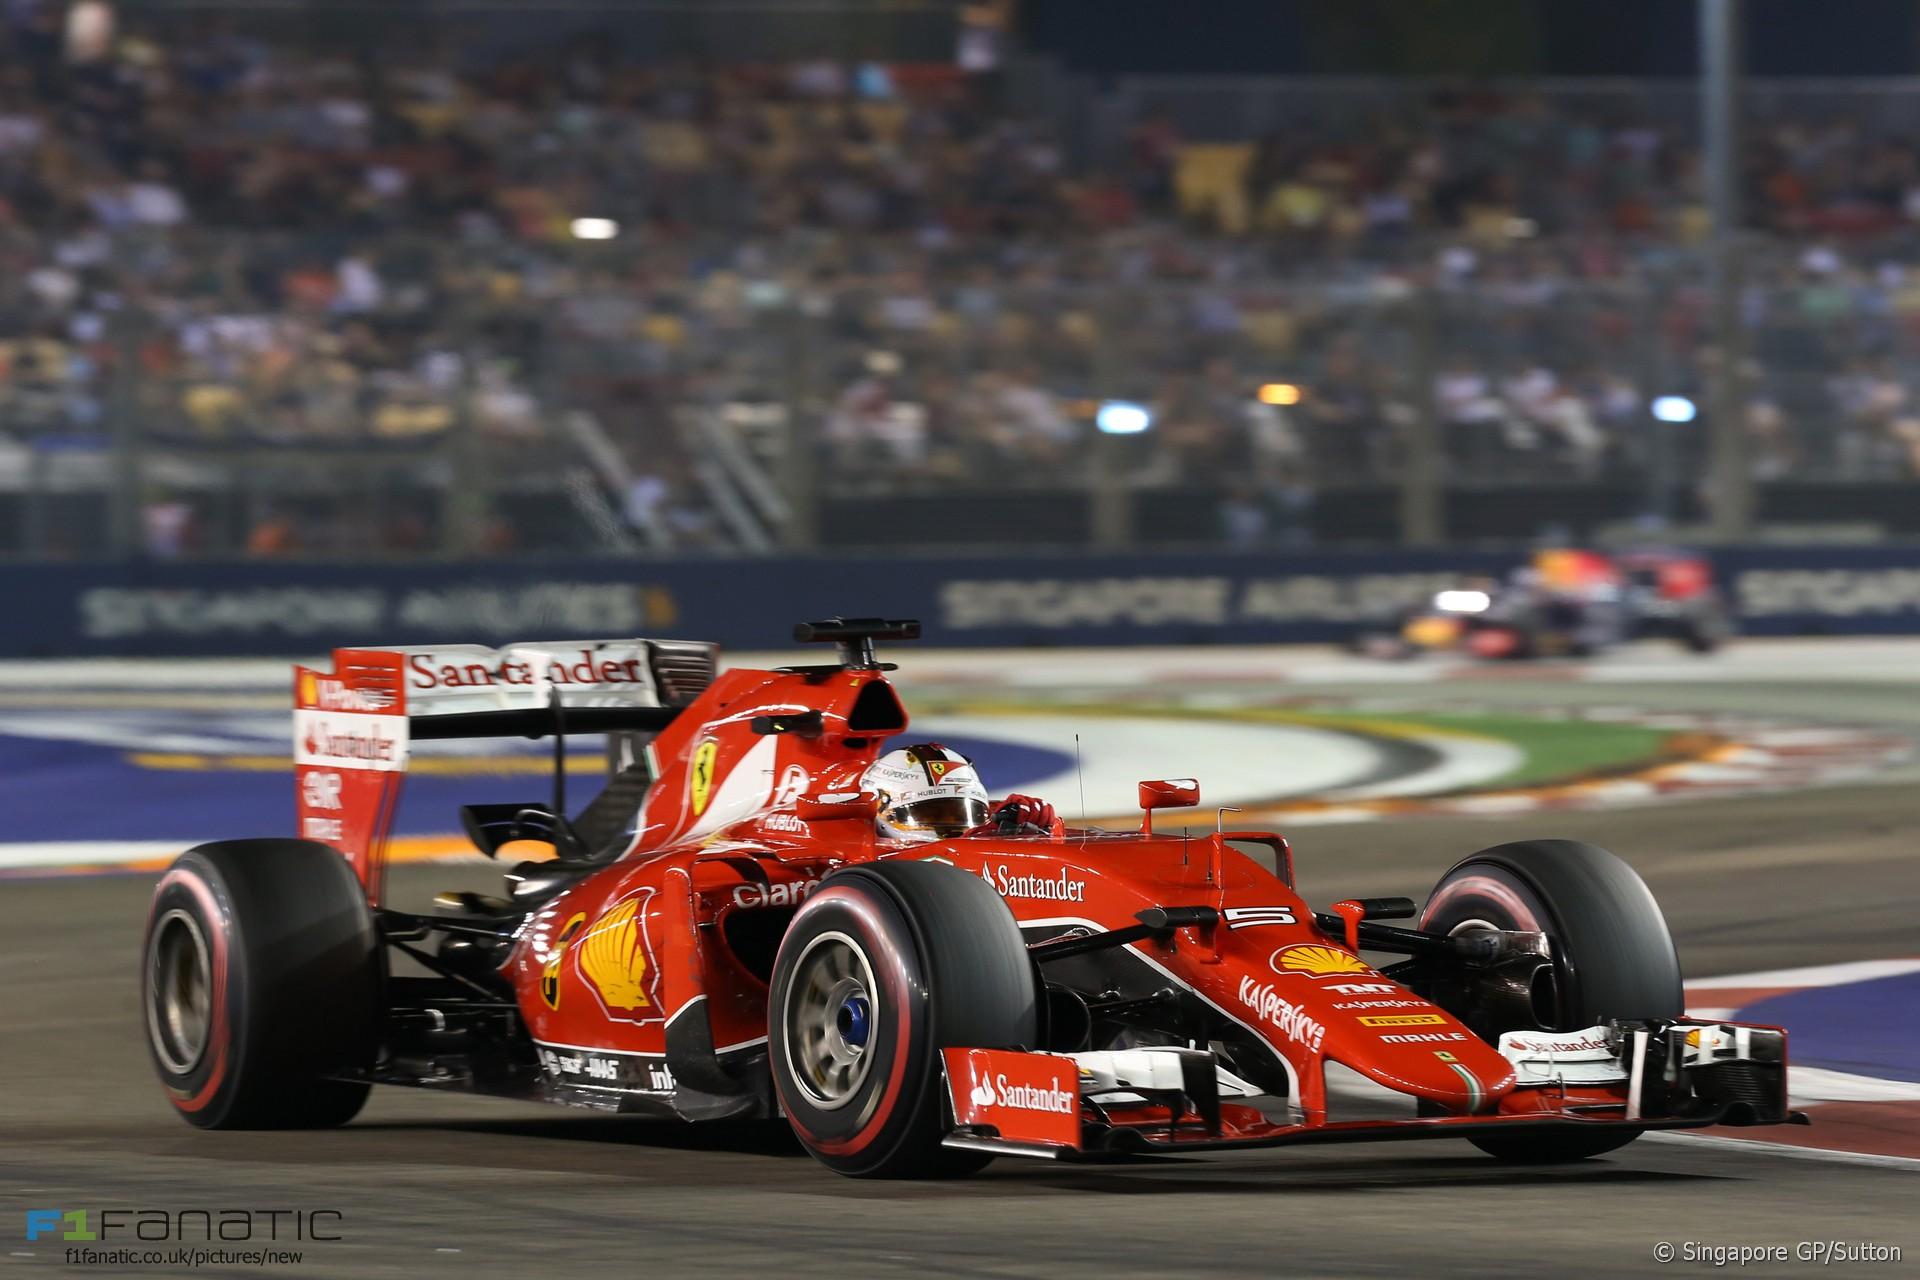 2015 singapore grand prix result f1 fanatic